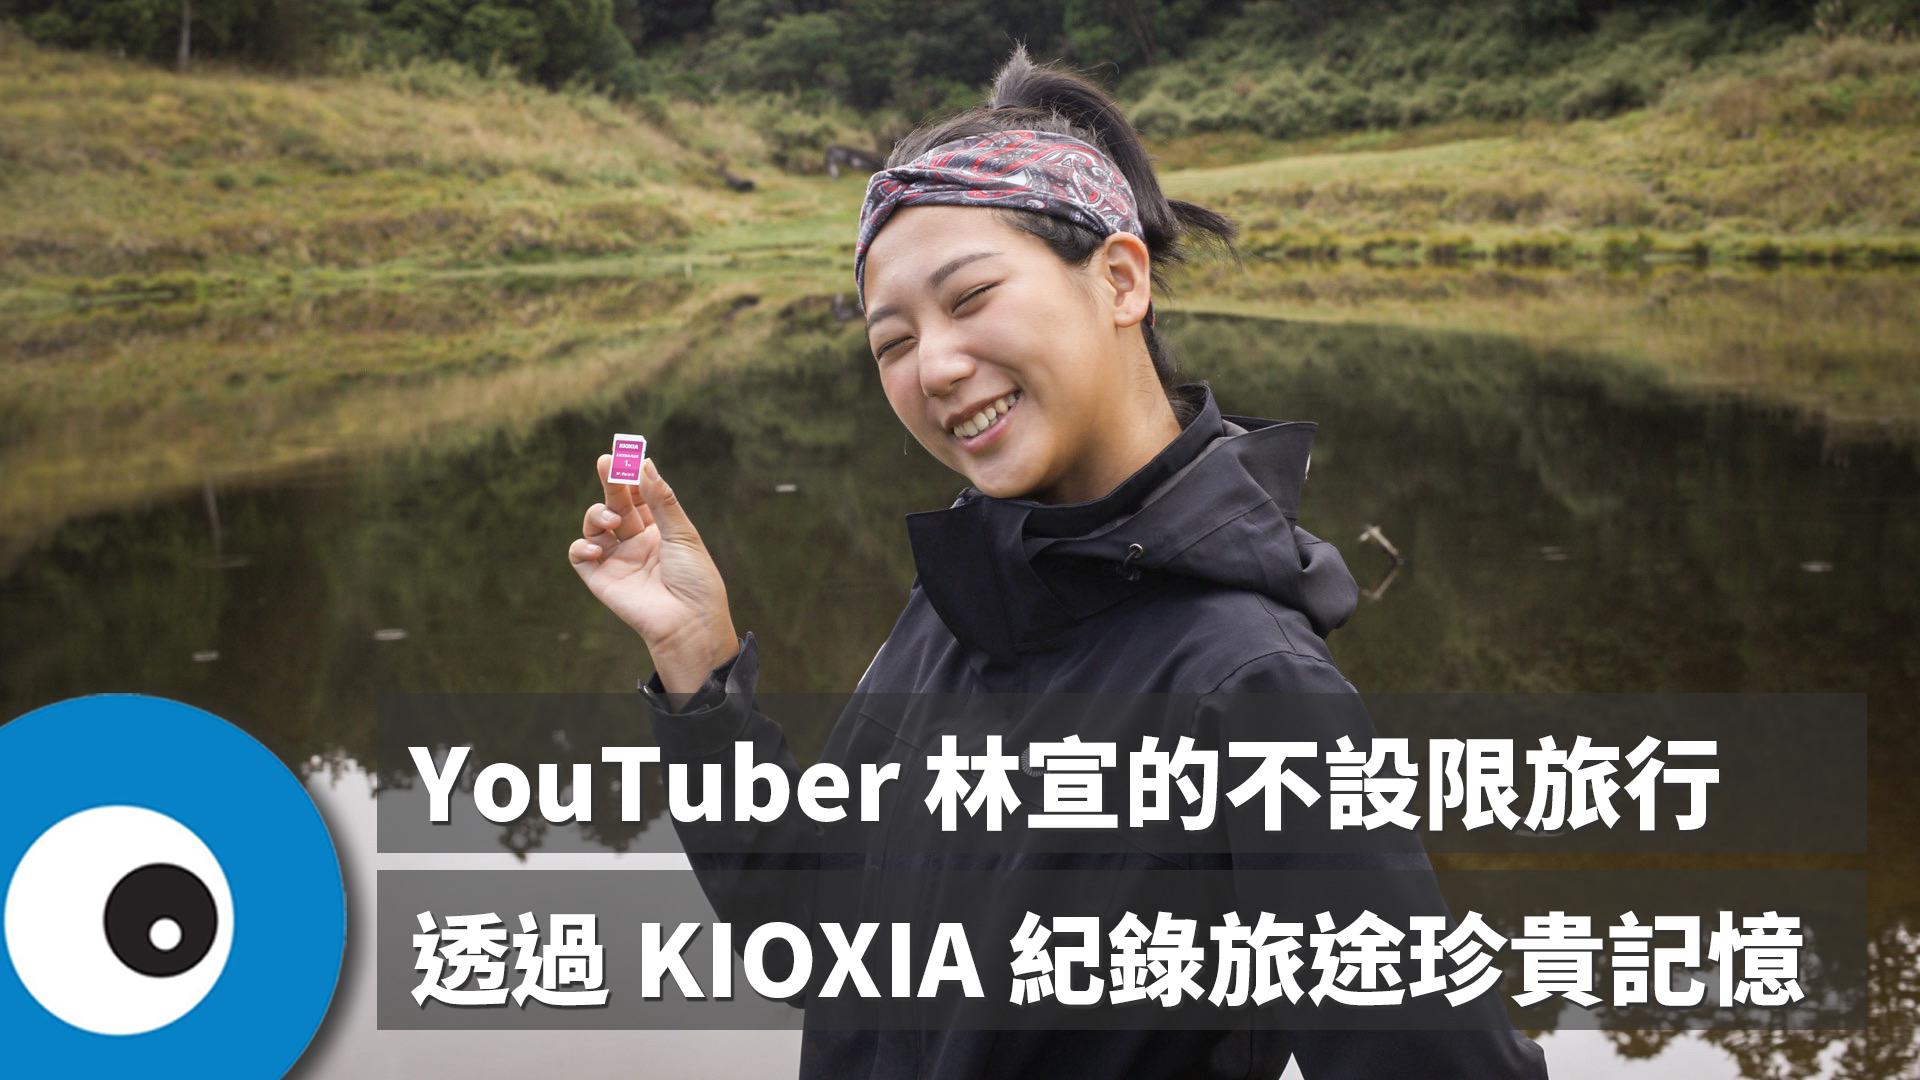 不設限的旅行!旅遊 YouTuber 用個人觀點帶來最真實的旅行體驗~透過 KIOXIA 鎧俠記憶卡將紀錄保存成珍貴記憶!